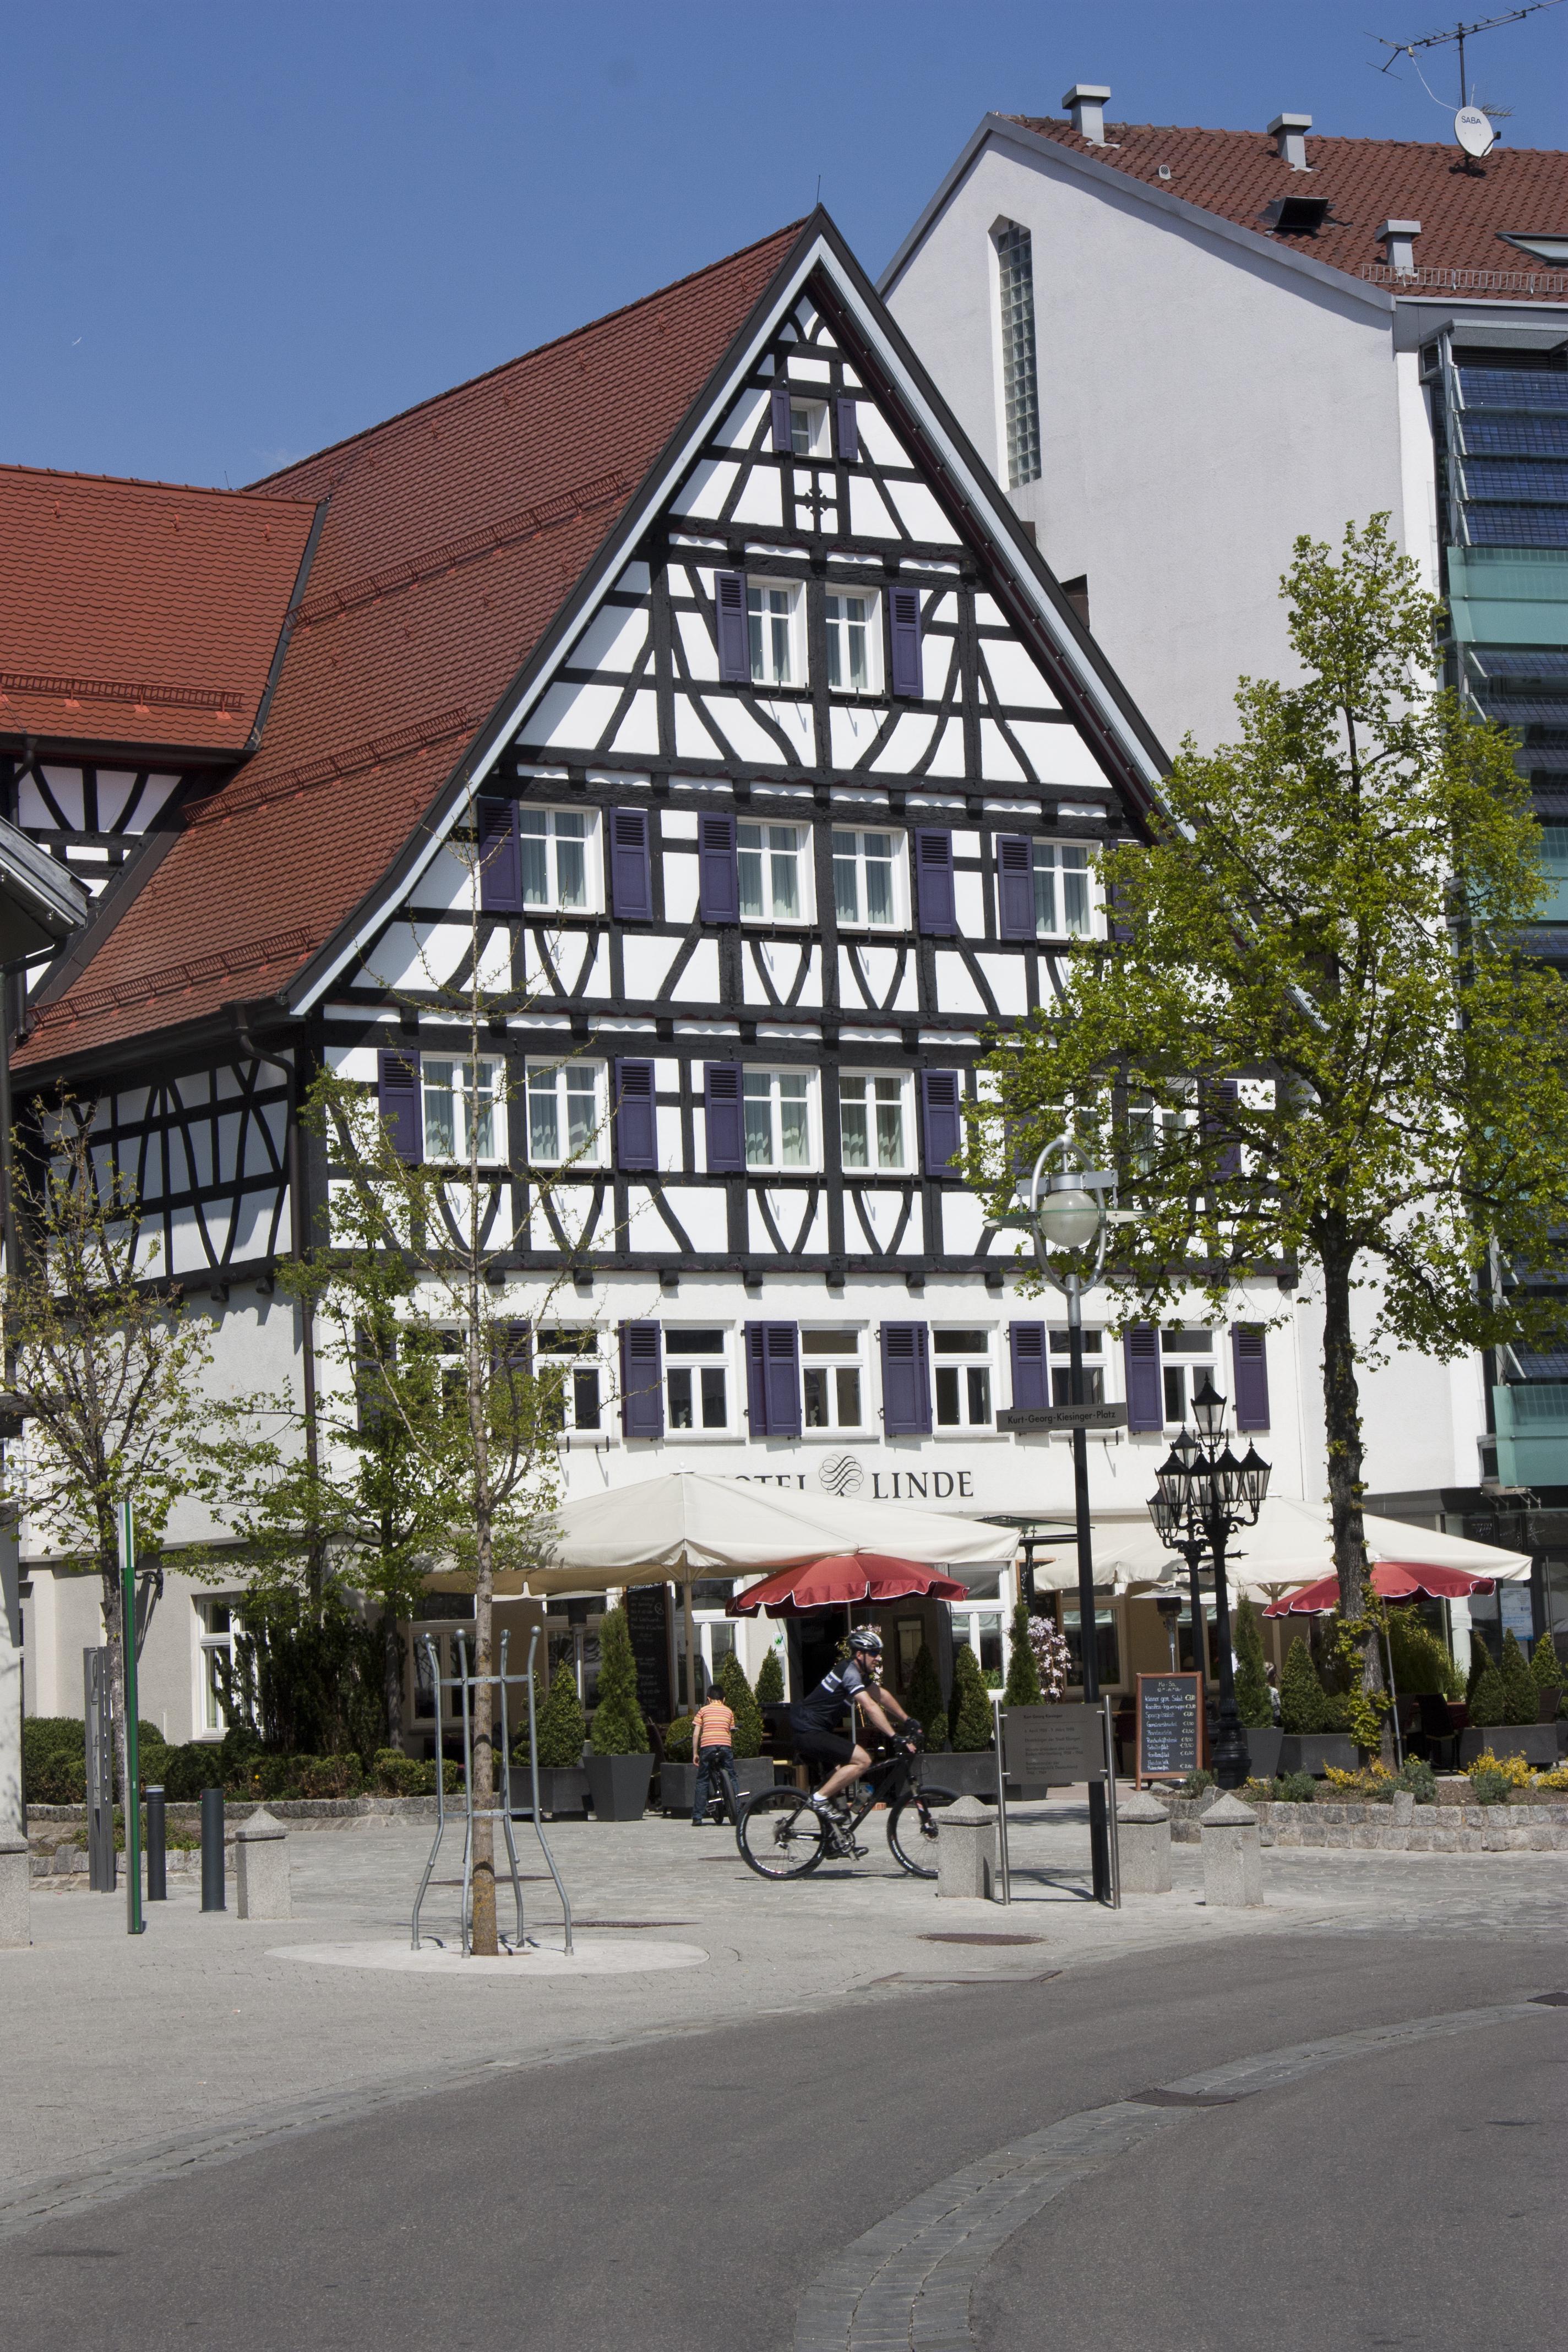 Linde 72458 Albstadt-Ebingen Adresse | Telefon | Kontakt